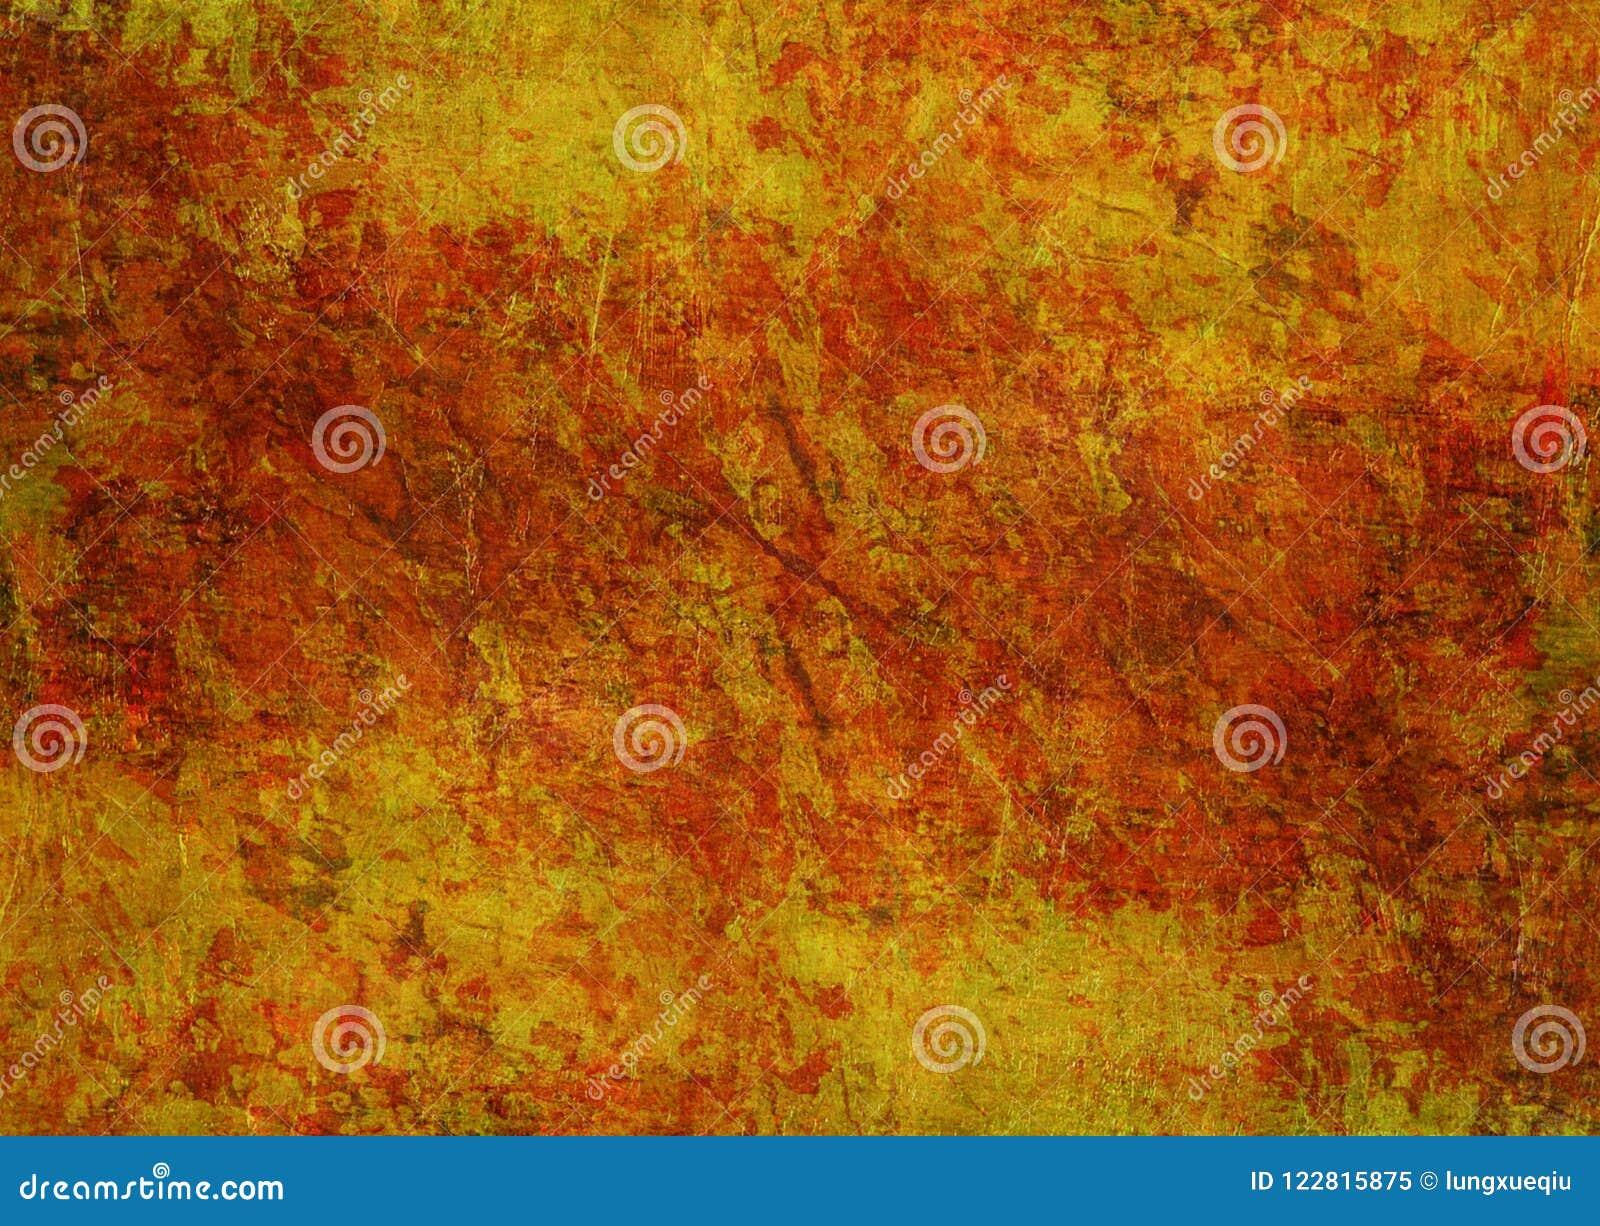 Pedras que pintam a textura escura Autumn Background Wallpaper de Rusty Distorted Decay Old Abstract do Grunge alaranjado vermelh